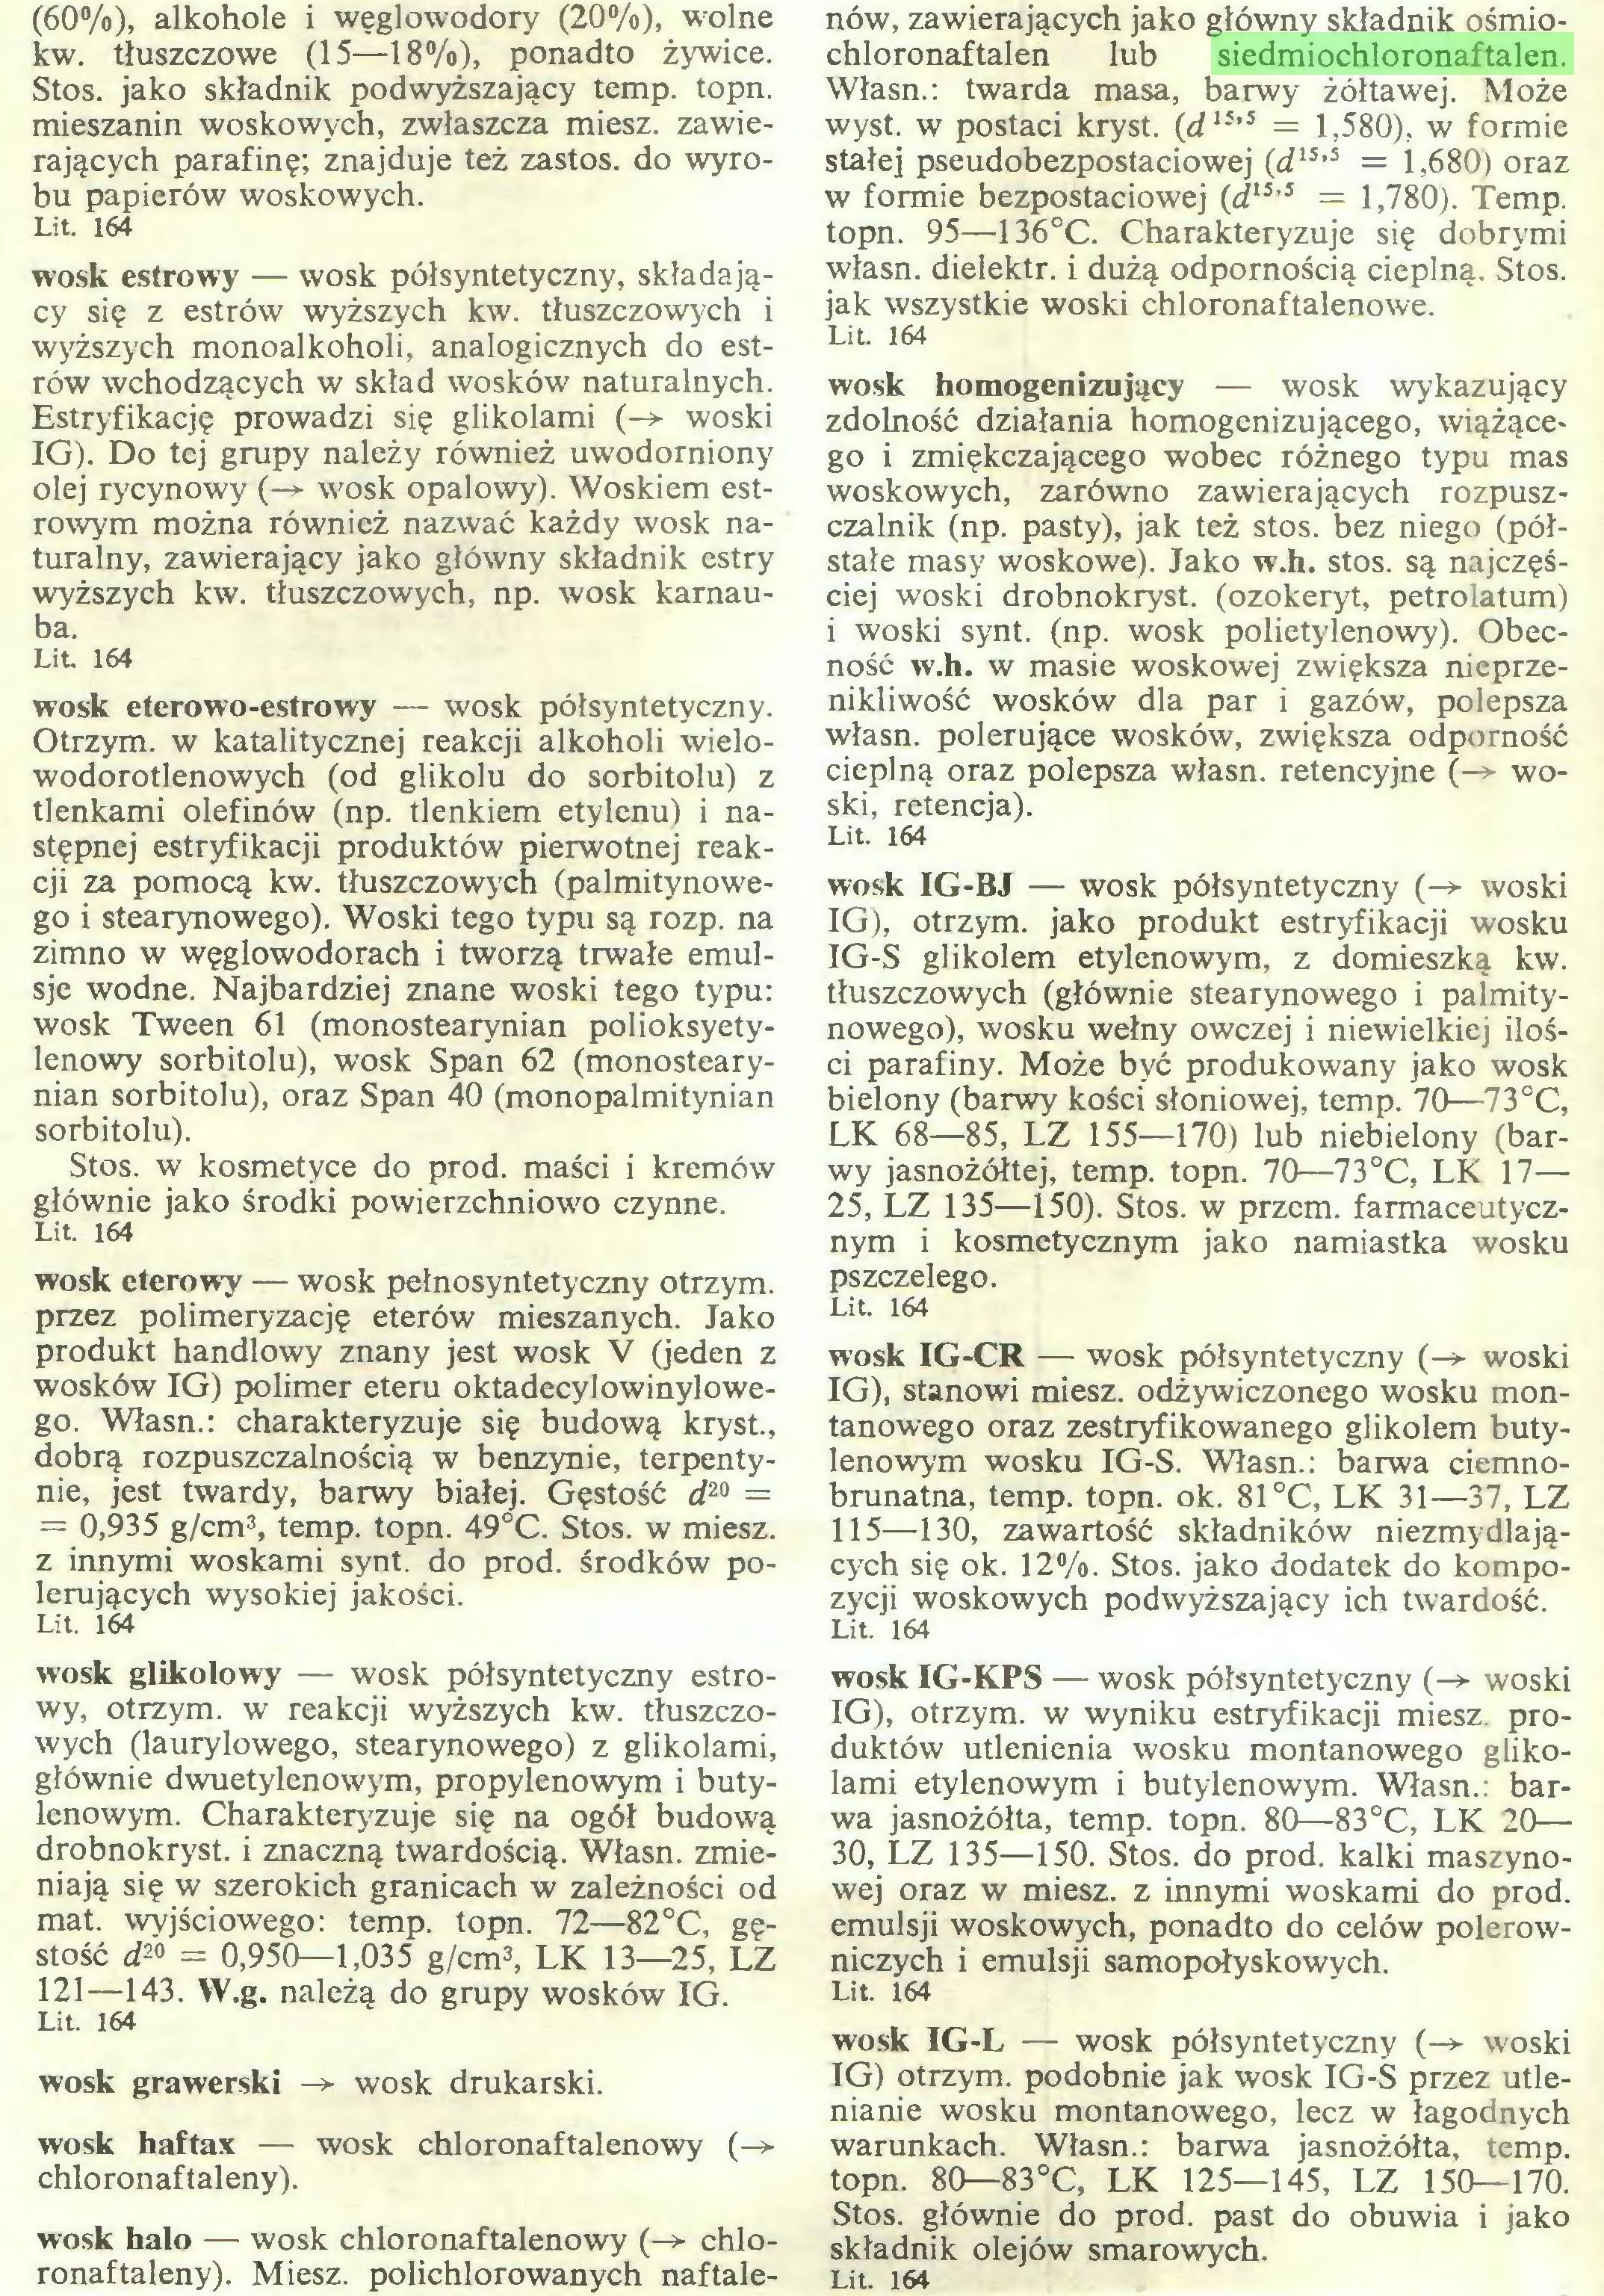 (...) wosk halo — wosk chloronaftalenowy (-► chloronaftaleny). Miesz. polichlorowanych naftale¬ nów, zawierających jako główny składnik ośmiochloronaftalen lub siedmiochloronaftalen...